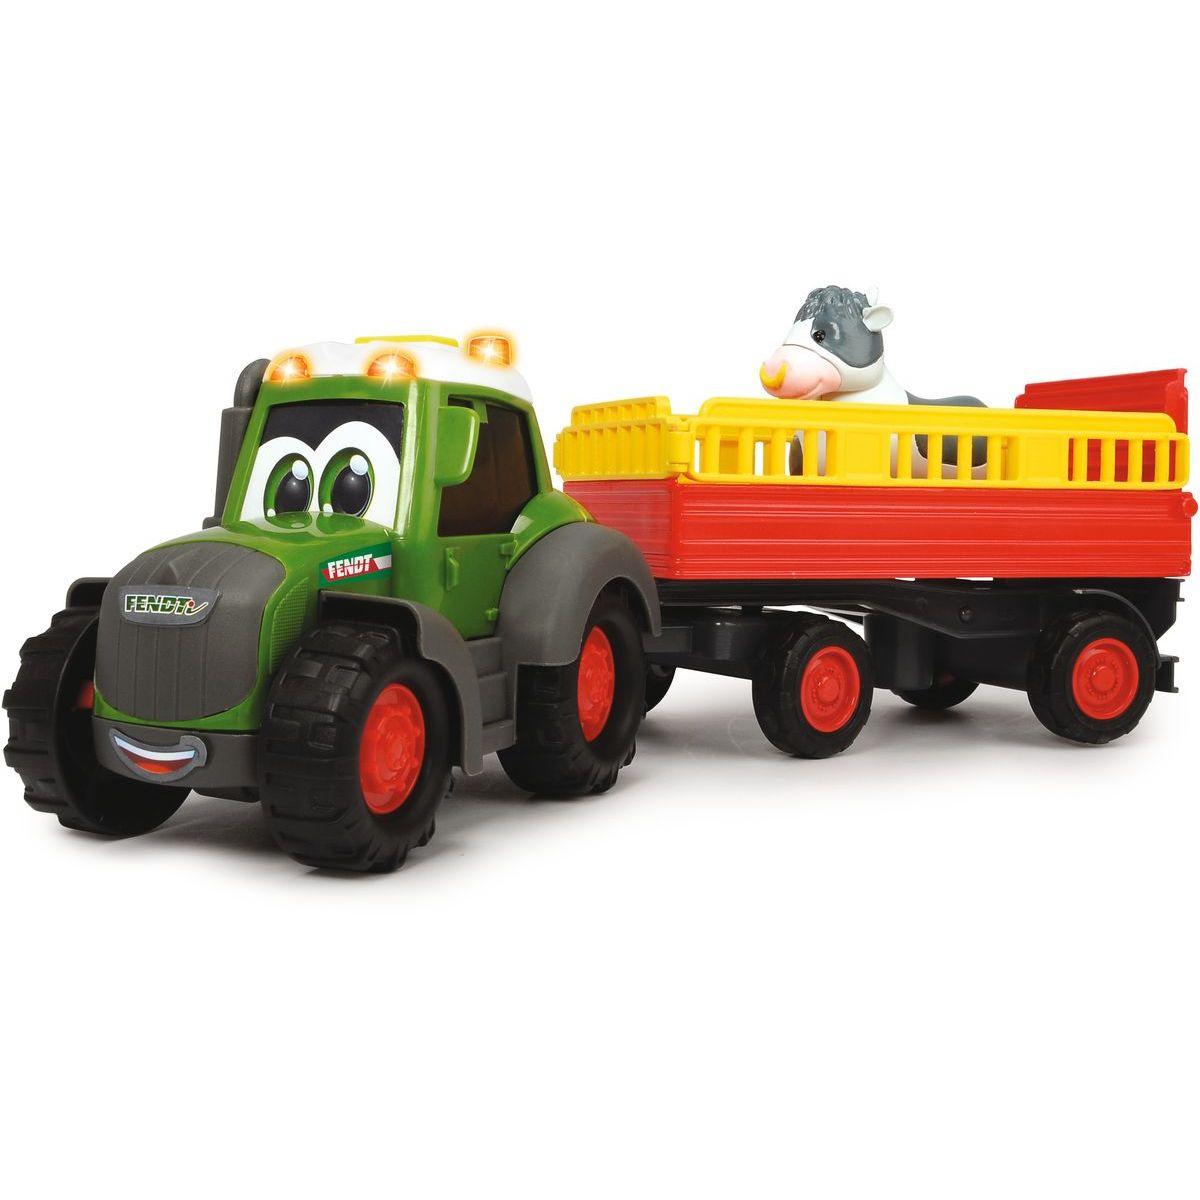 Dickie Traktor Happy Fendt s prívesom 30 cm